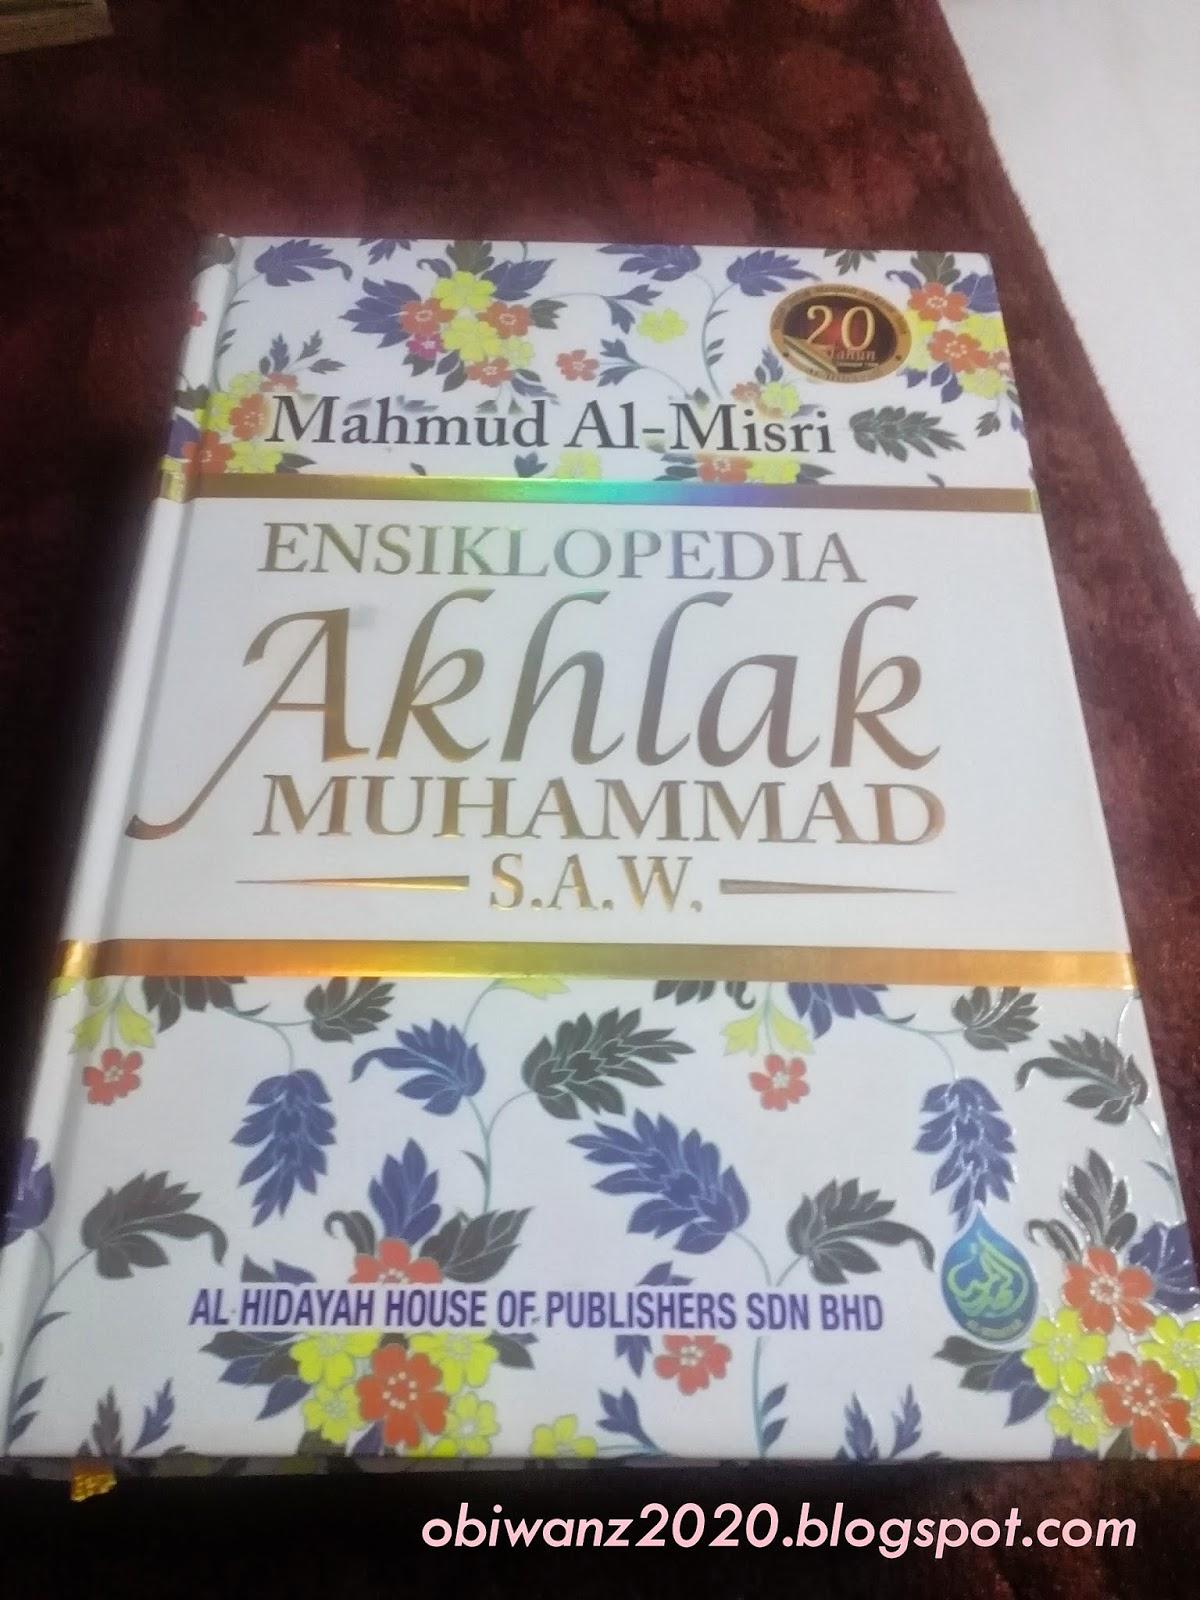 ensiklopedia akhlak Muhammad S.A.W.